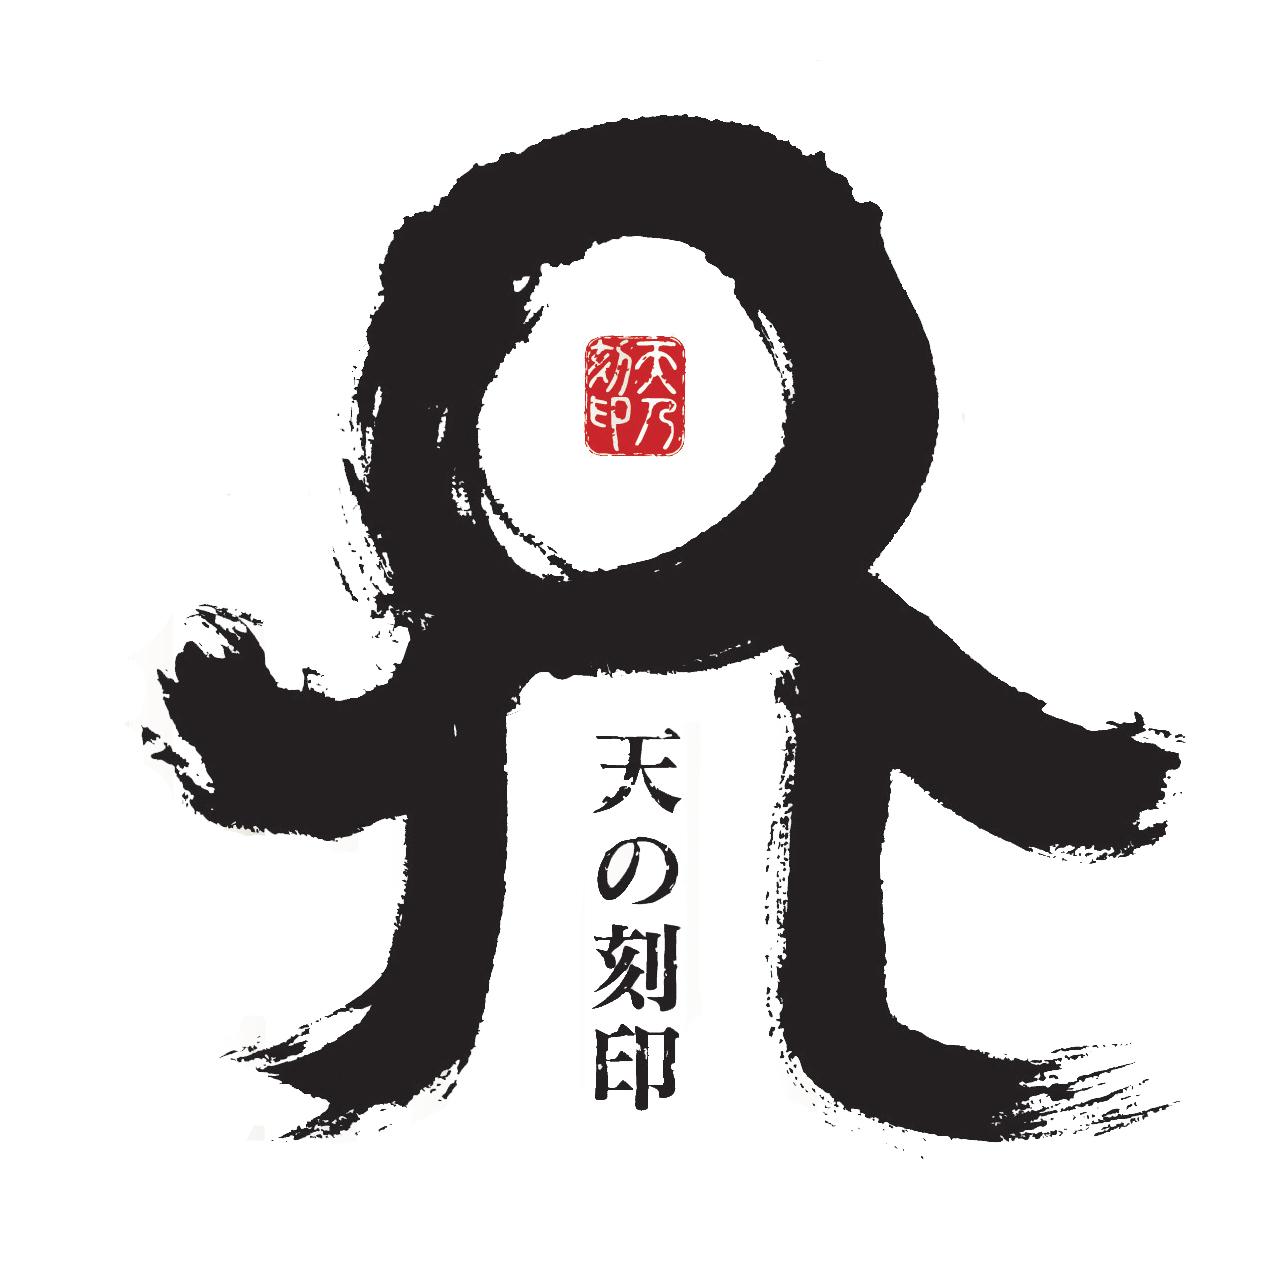 天の刻印ロゴ